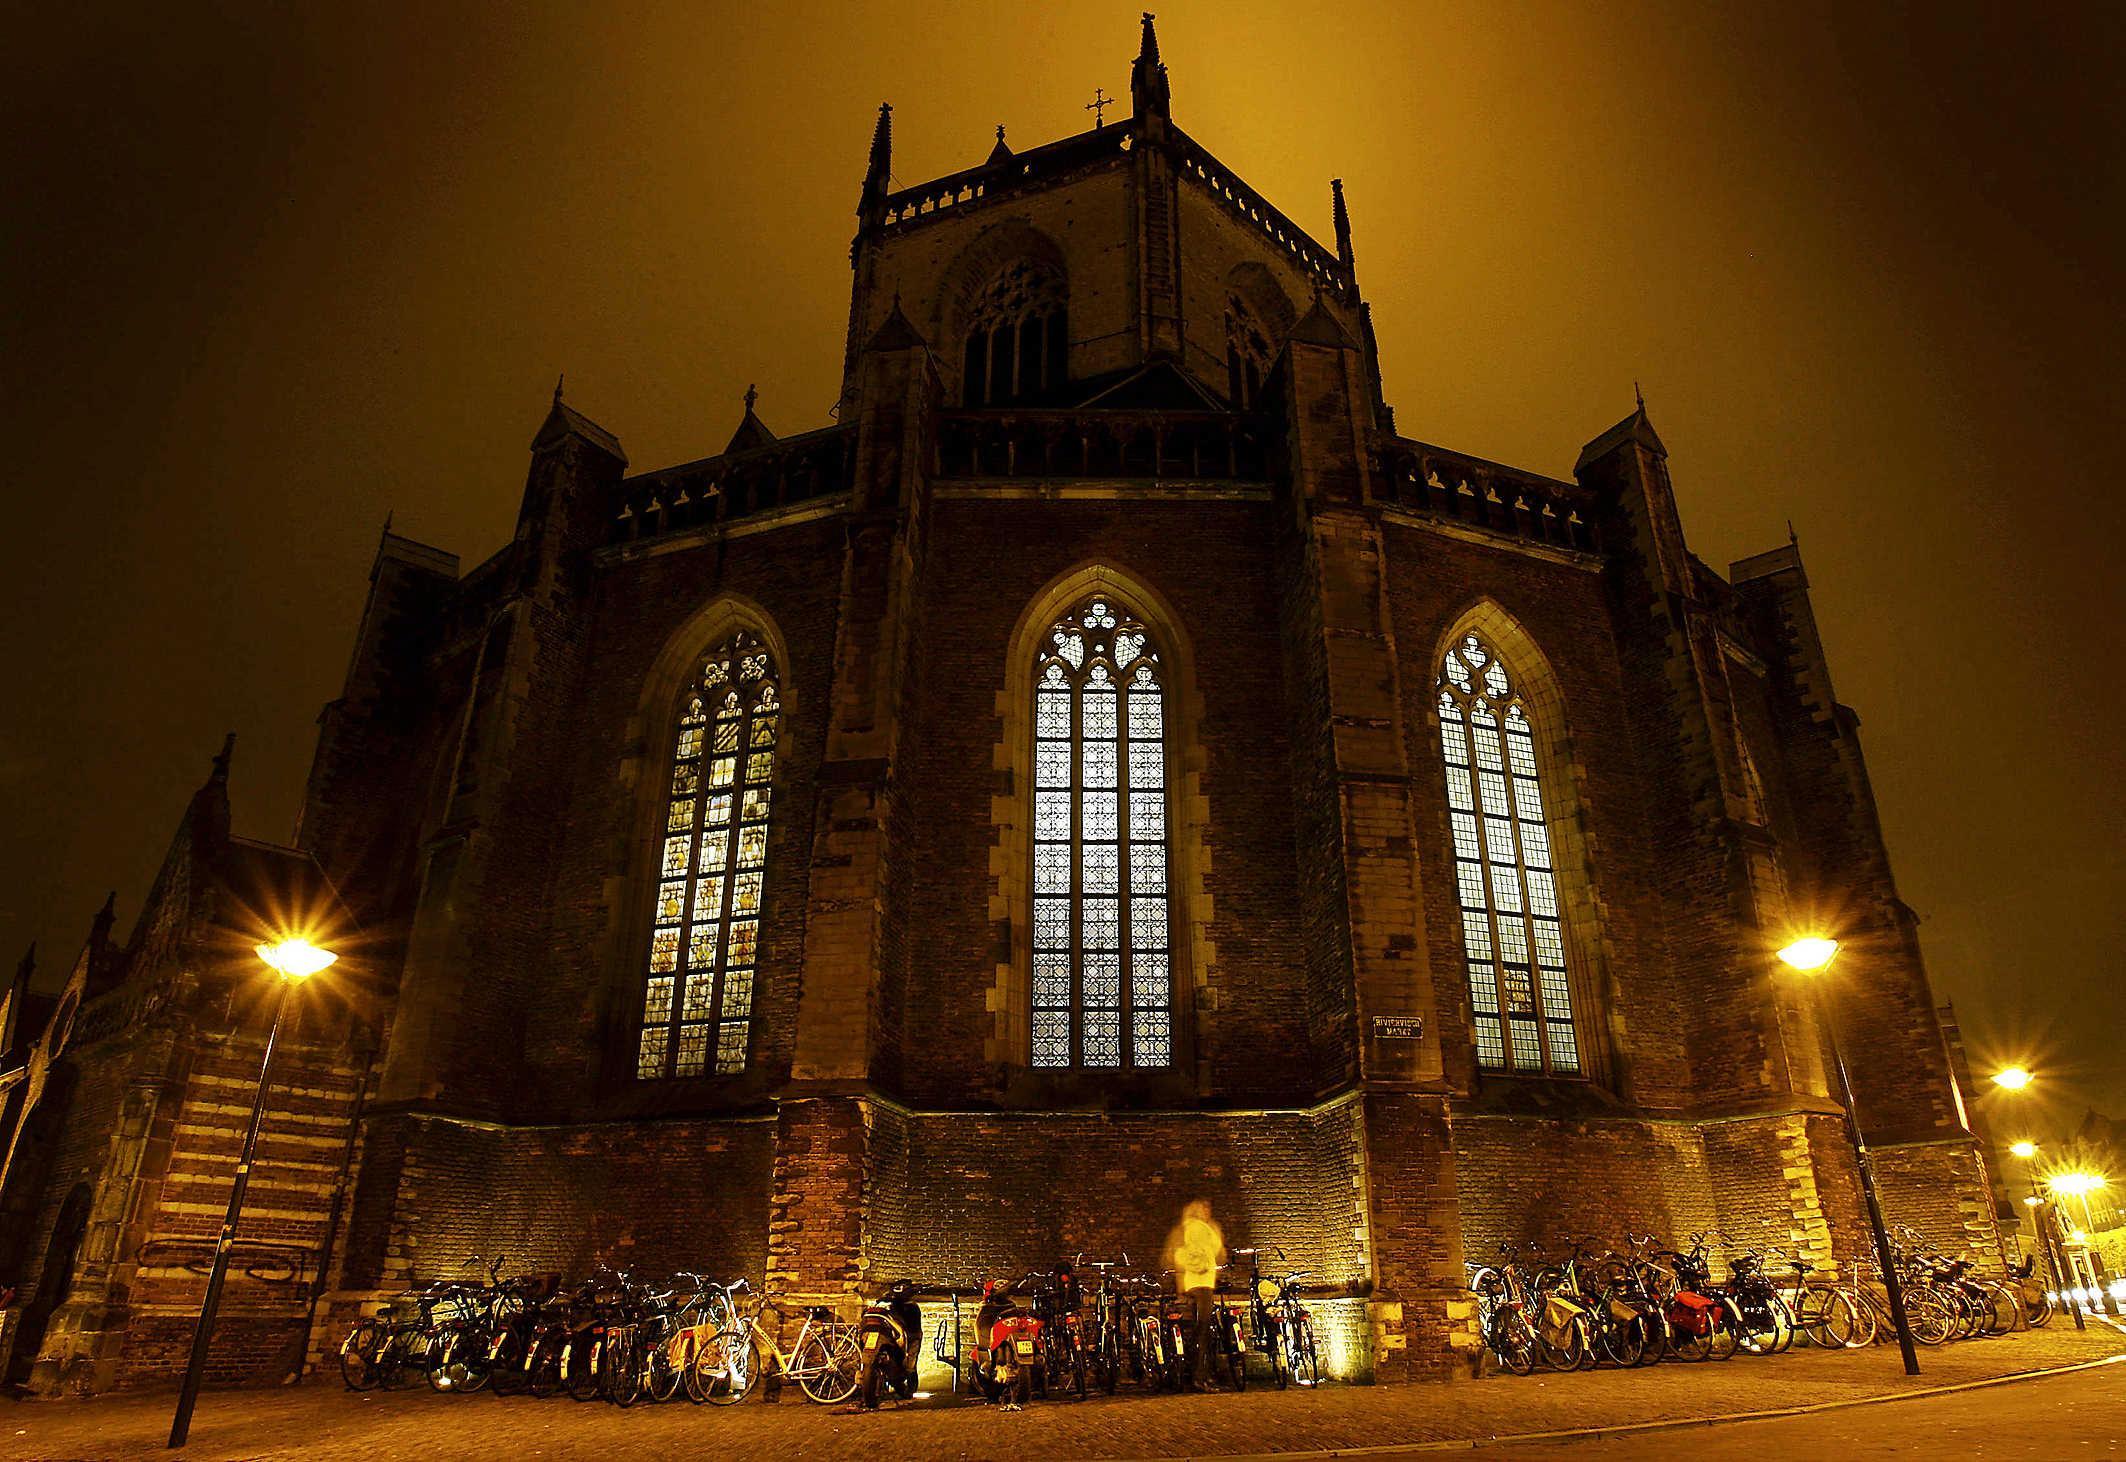 Uitgaan van 'gezond verstand', burgemeesters regio Haarlem verwachten dat inwoners zich houden aan avondklok